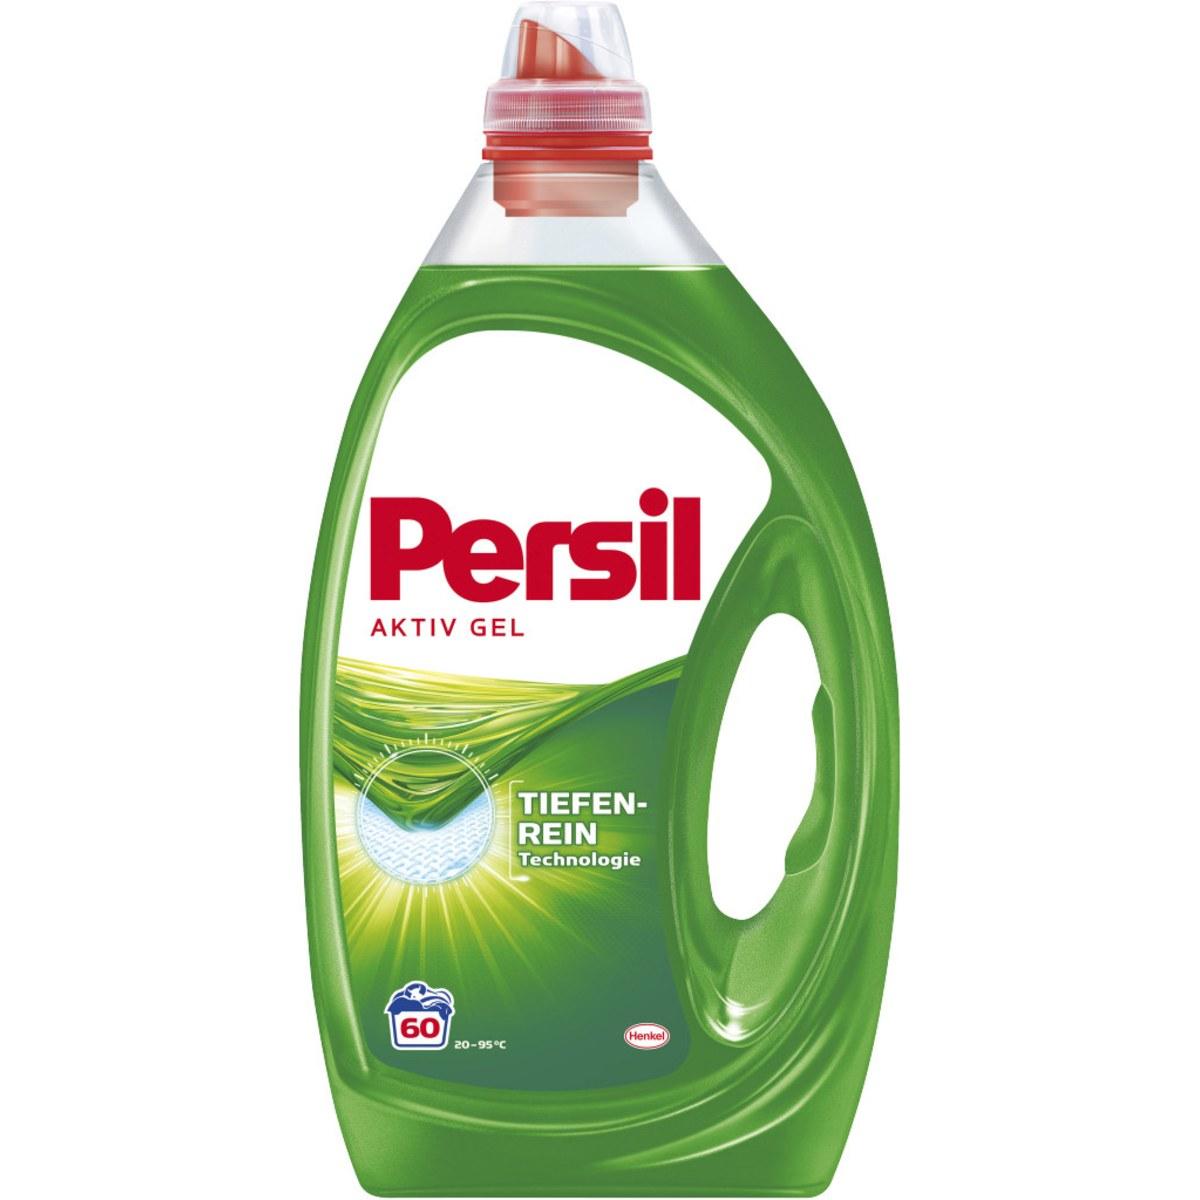 Persil Gel Kraft Frische  60WG